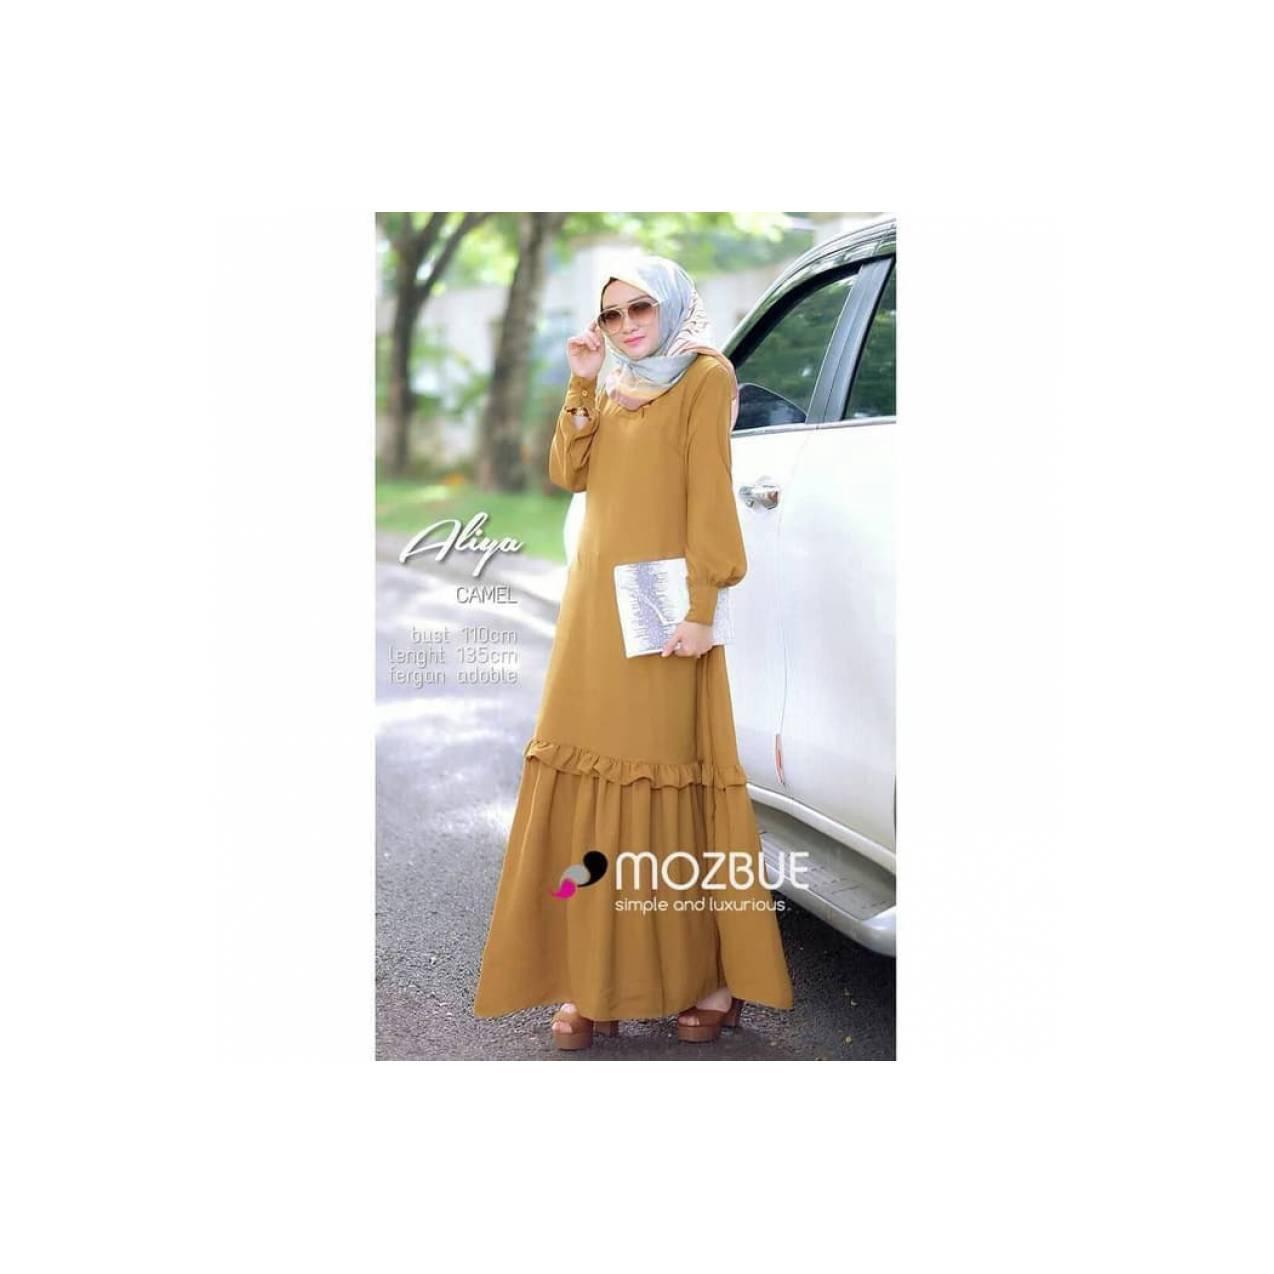 Jual baju muslim wanita murah / gamis panjang / aliya dress